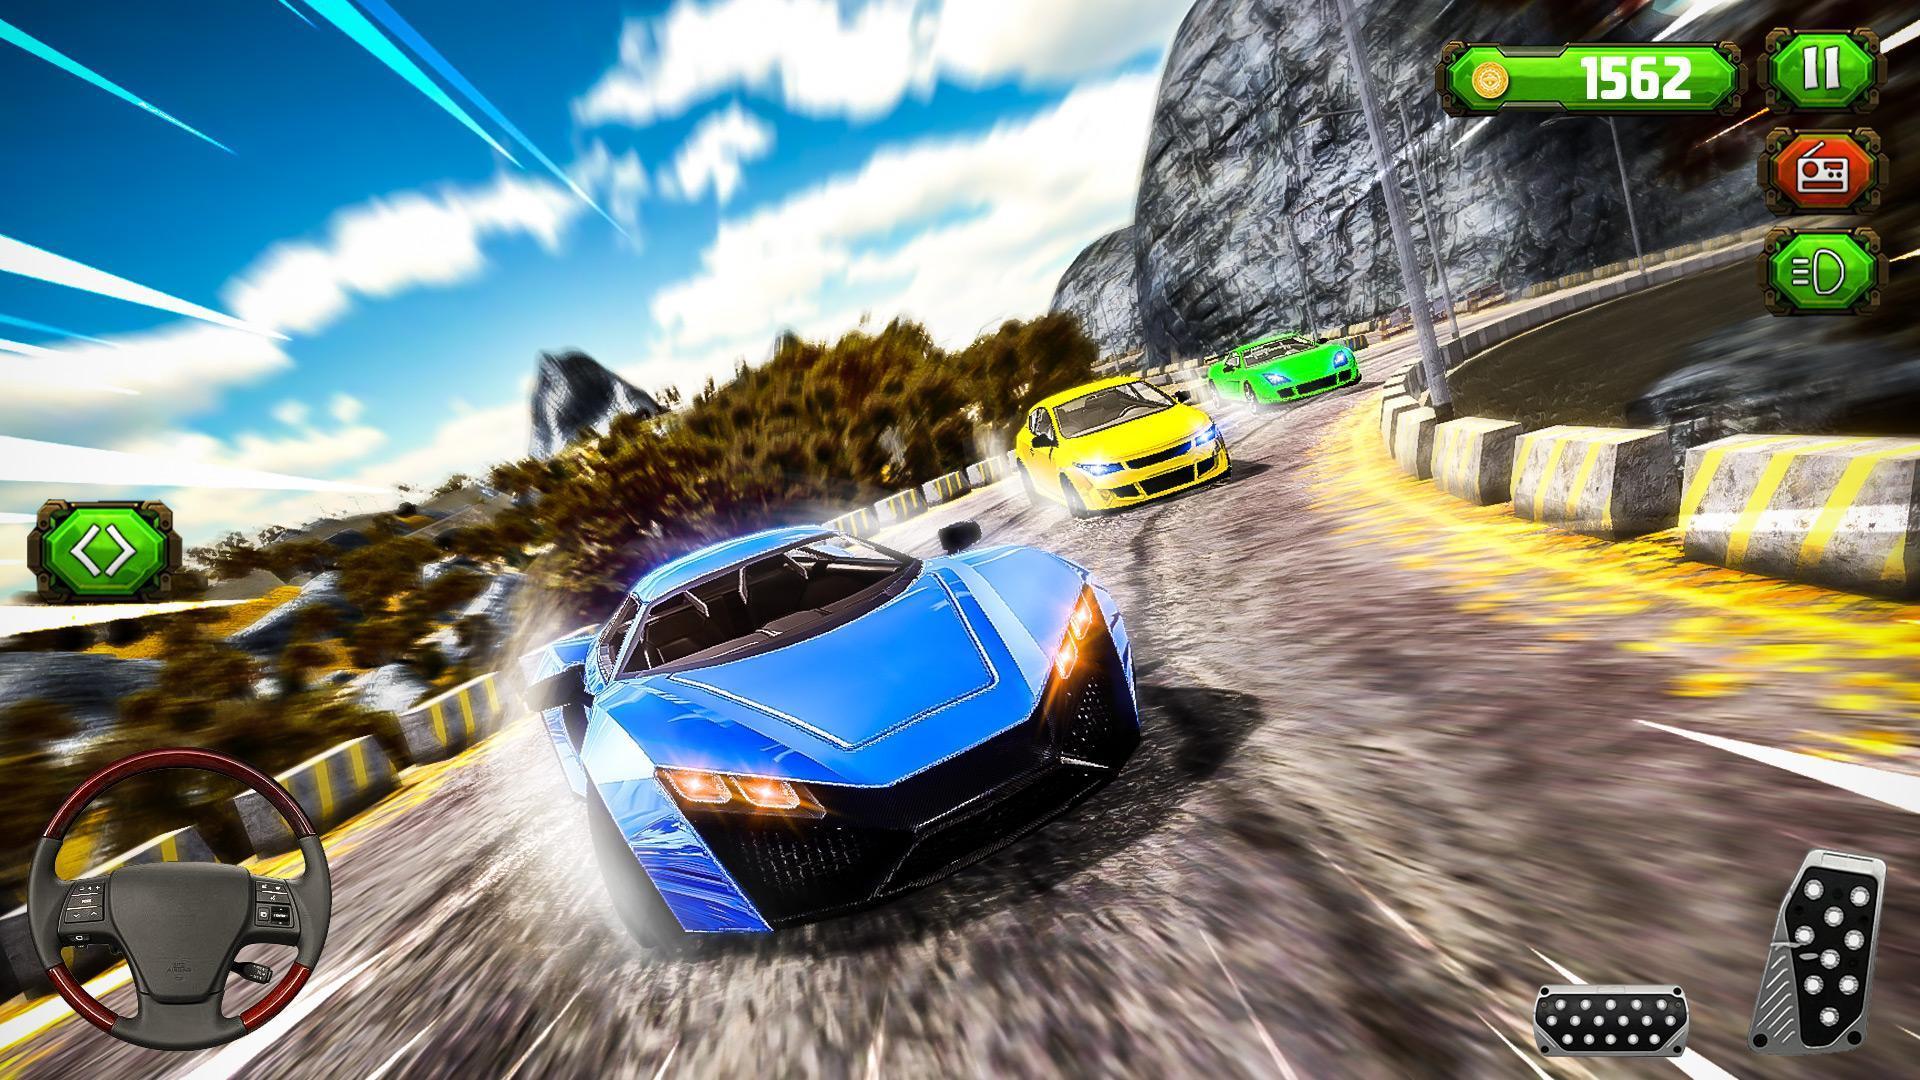 Jeux De Voiture 2020: Jeu De Course Automobile Pour Android concernant Un Jeu De Voiture De Course